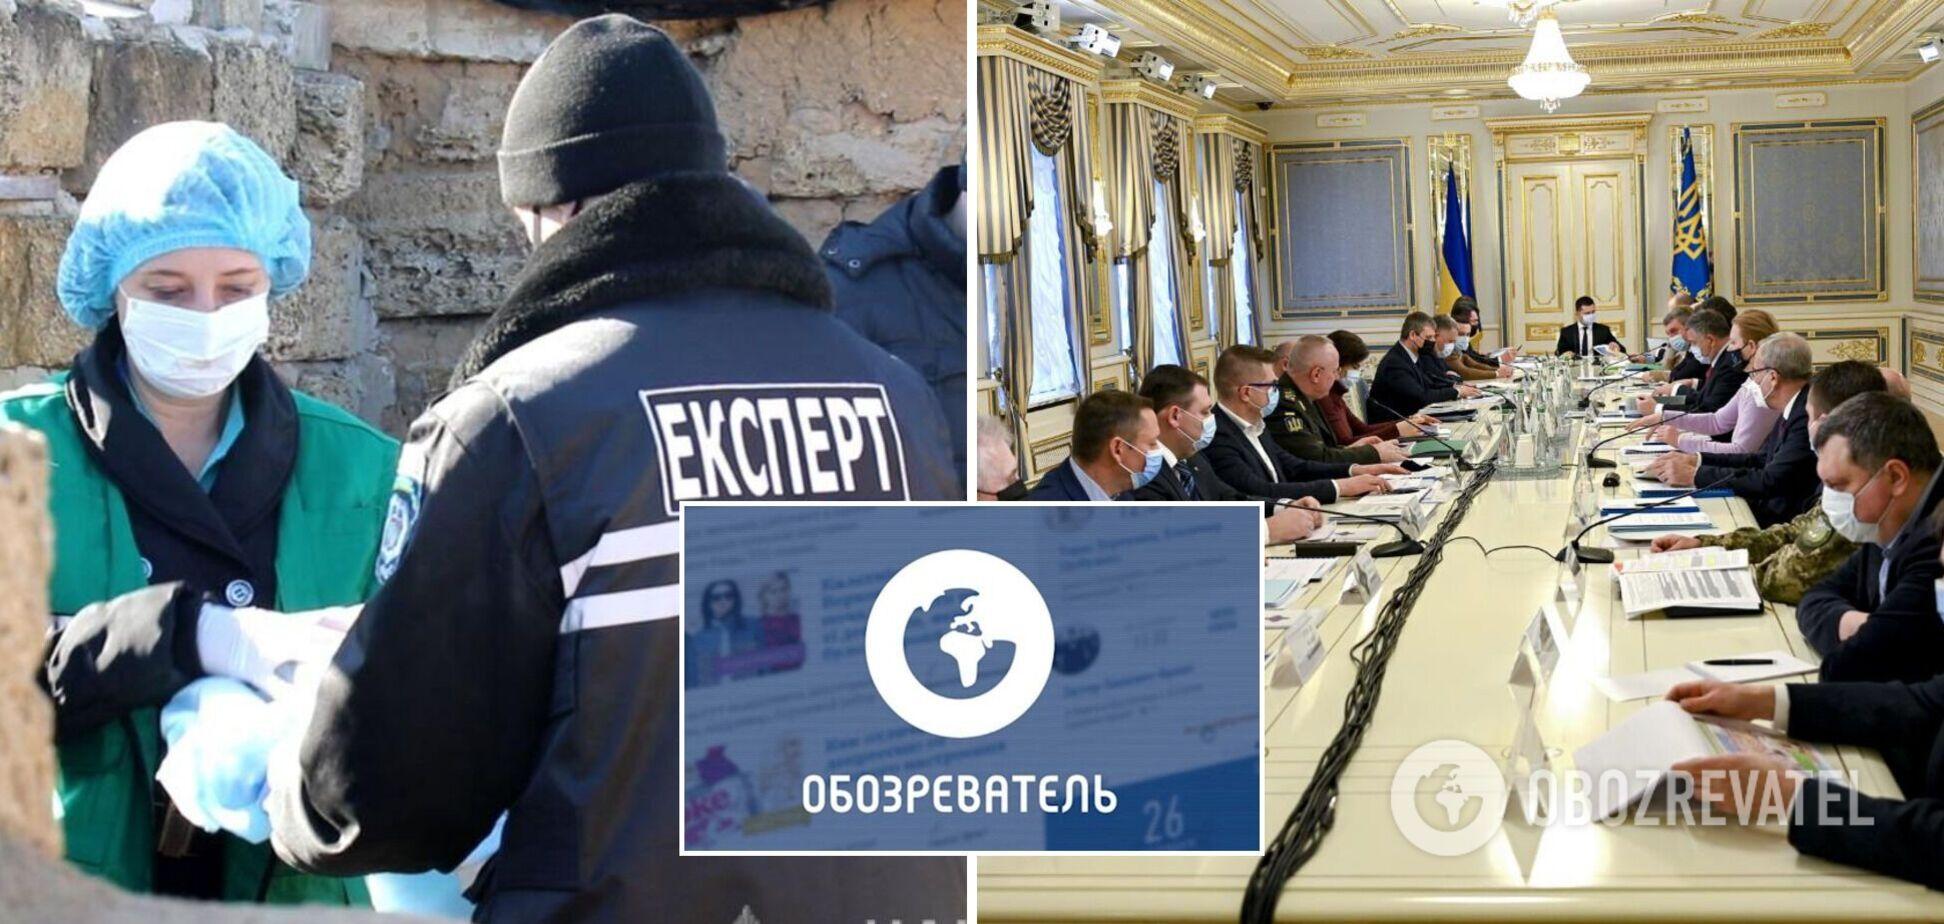 Главные новости Украины за 11 марта: смерть девочки на Херсонщине и новые санкции СНБО